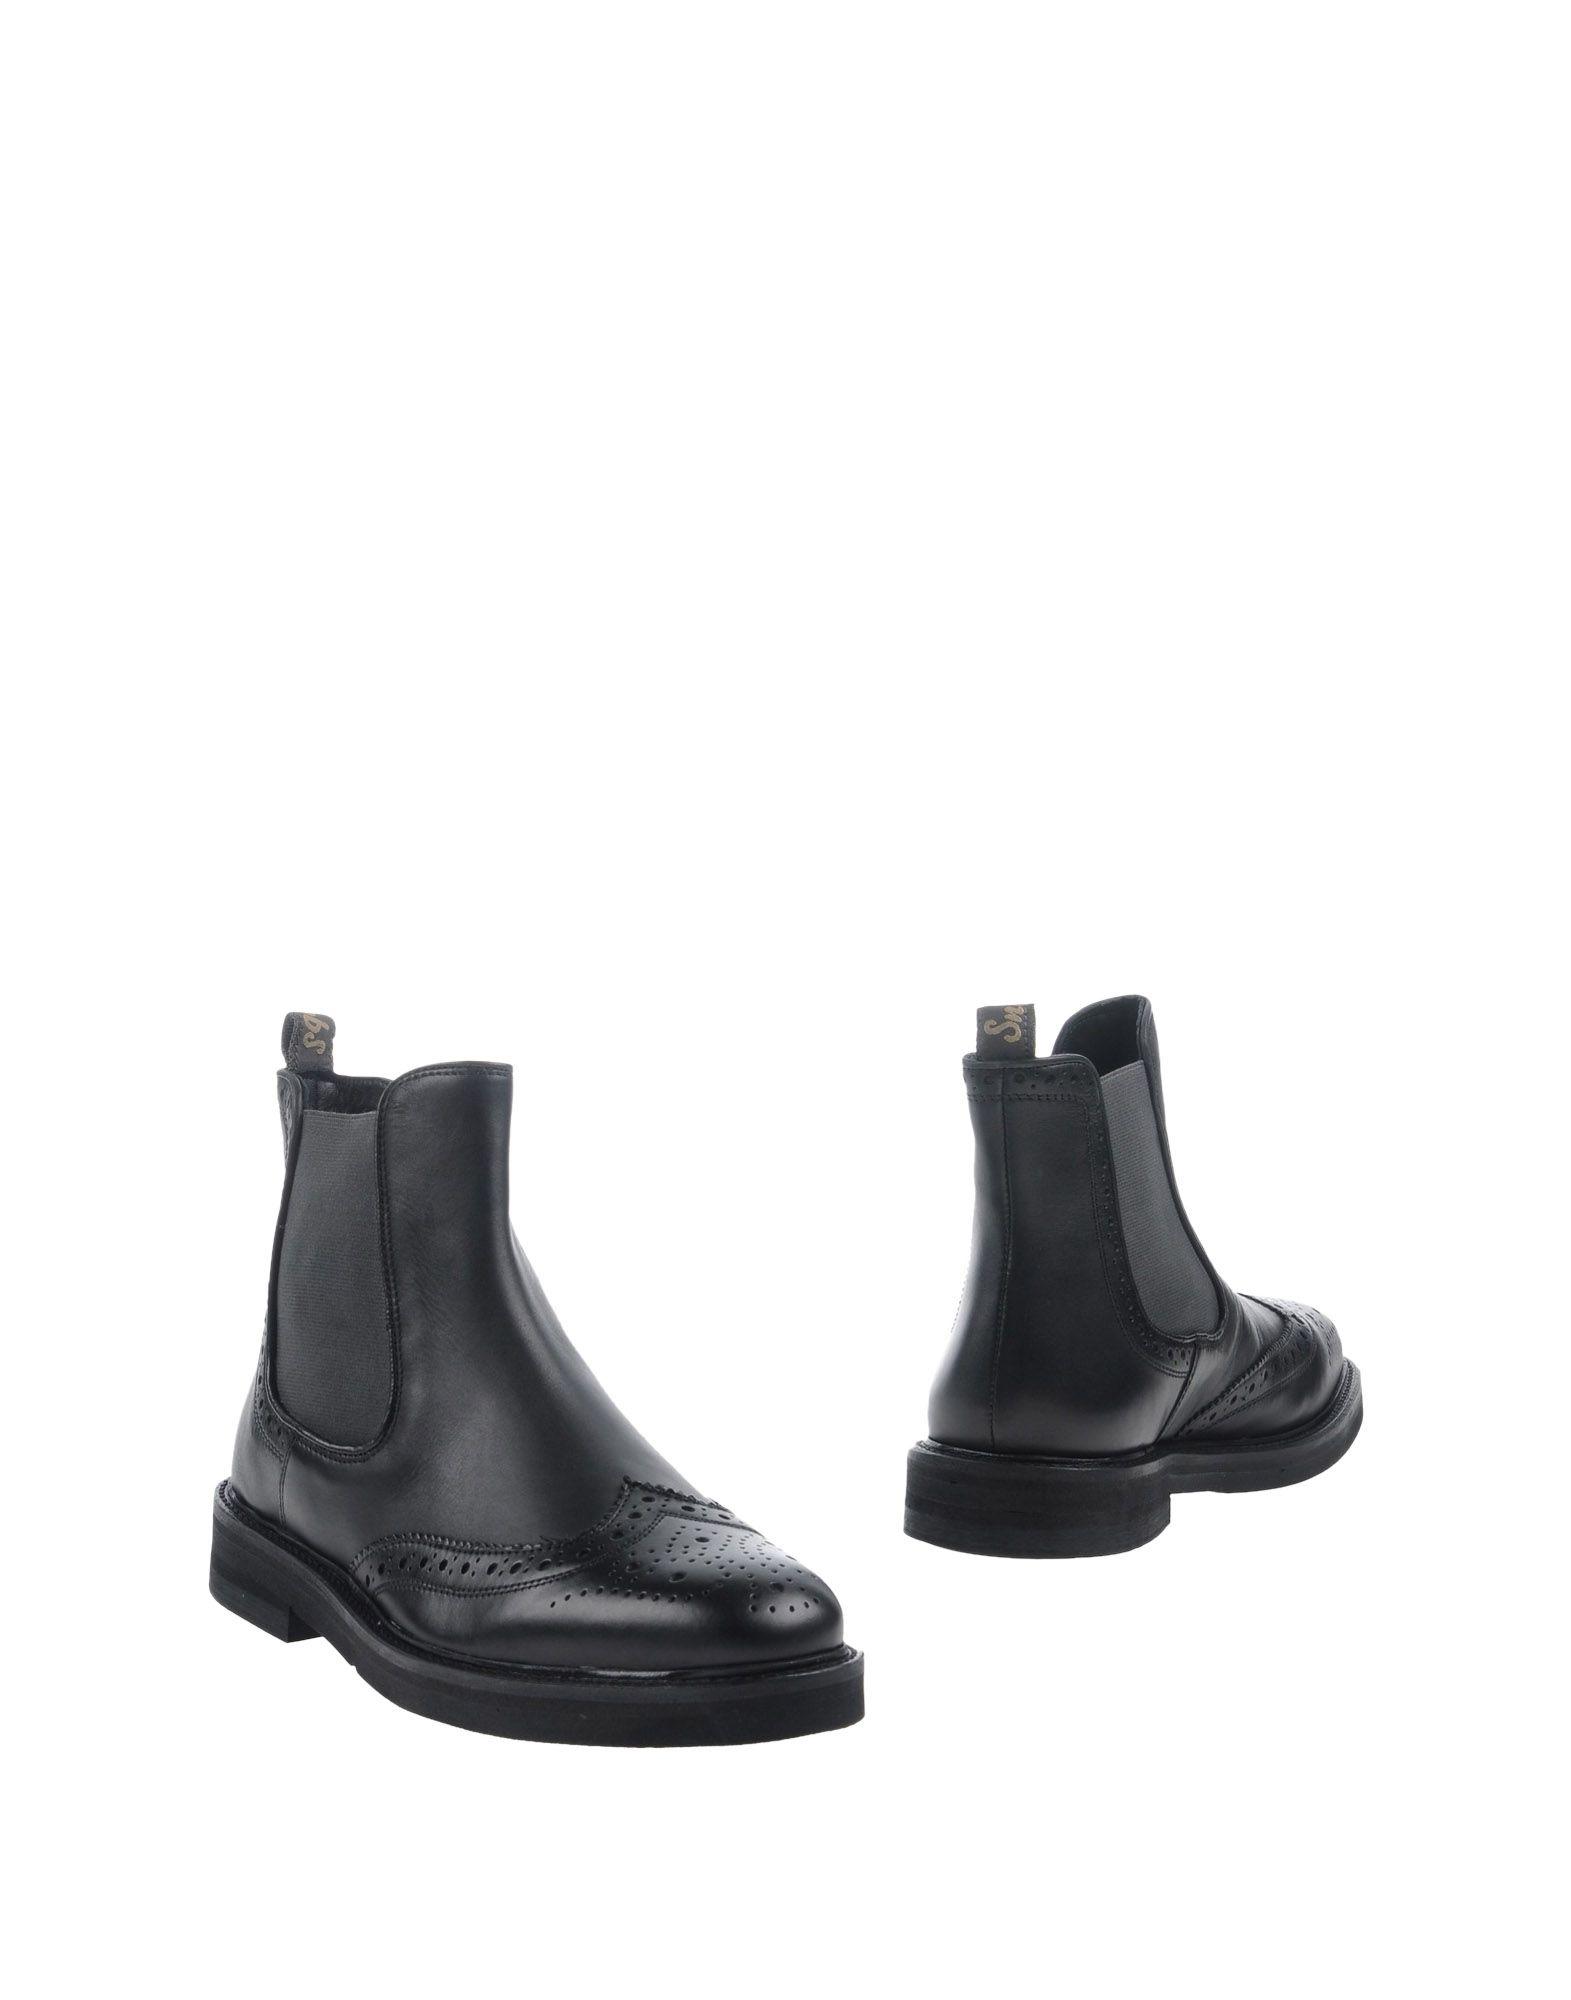 Rabatt echte Schuhe Herren Snobs® Stiefelette Herren Schuhe  11254689HV 2dfca0